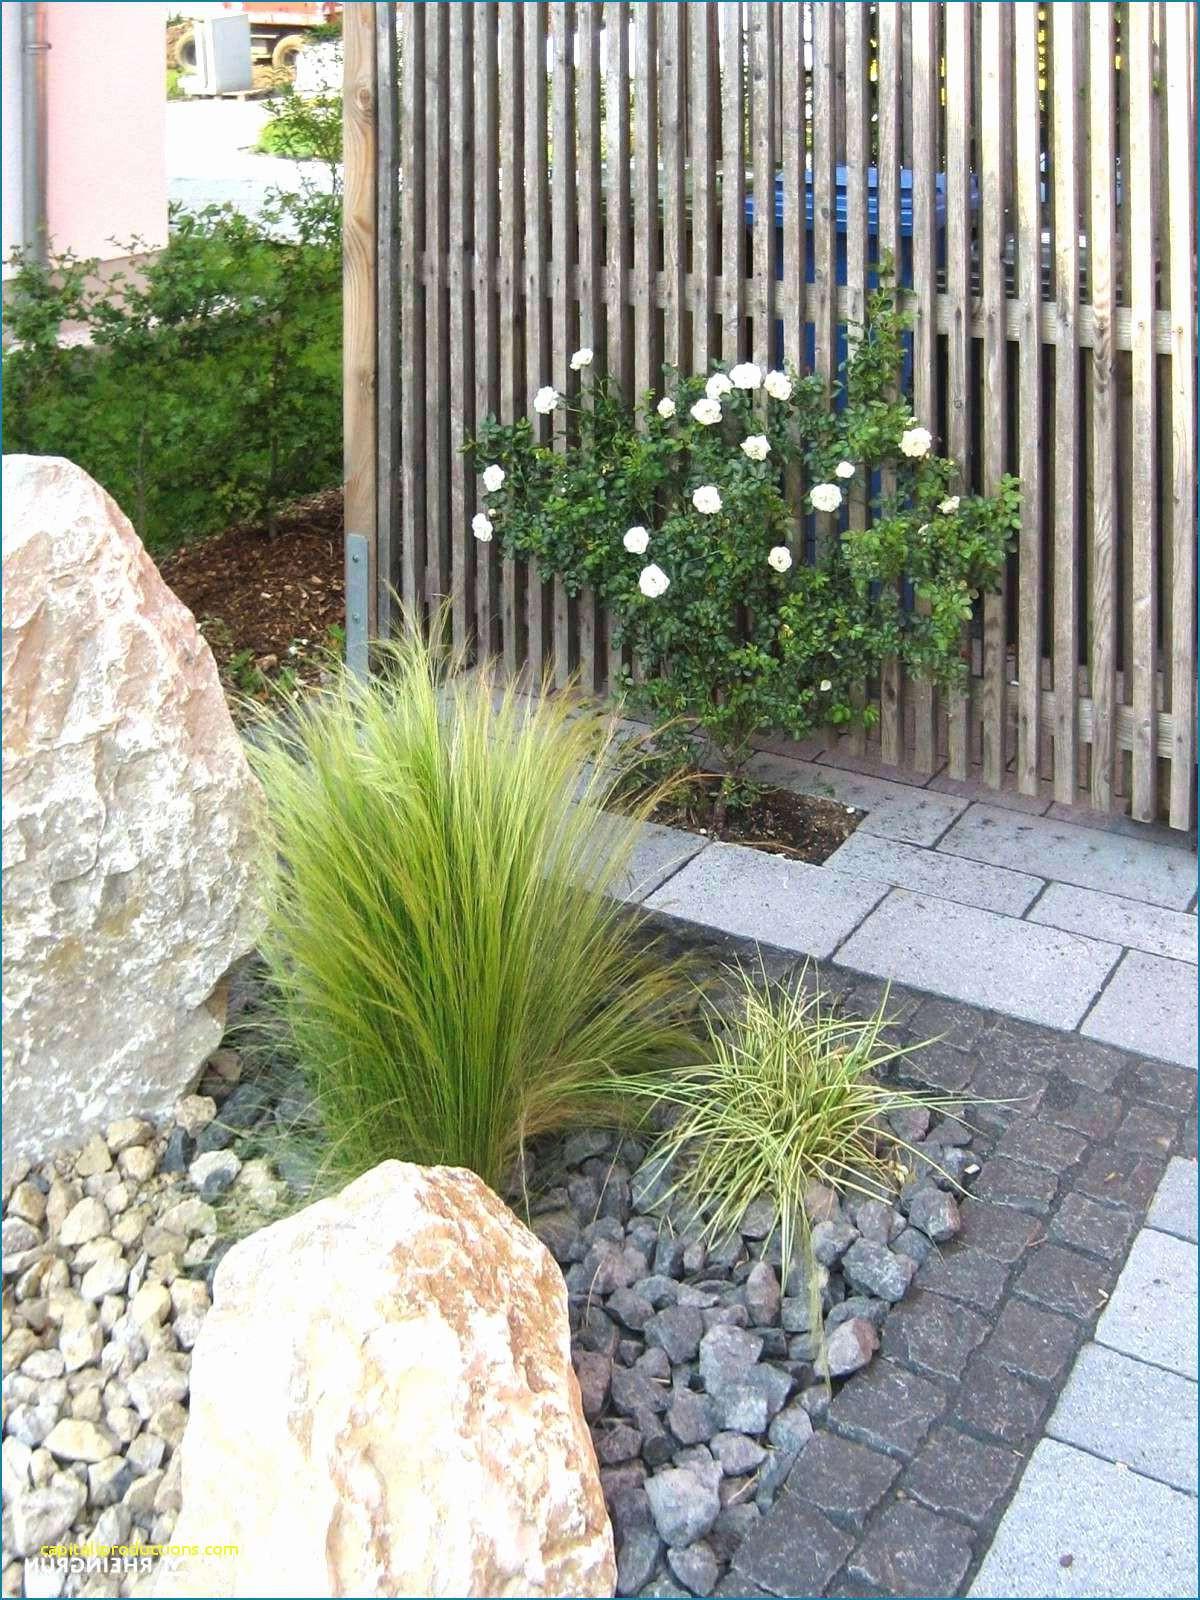 Gartengestaltung Modern Ideen Elegant Garten Mit Blumen Gestalten Garten Gestalten Mit Wenig Geld